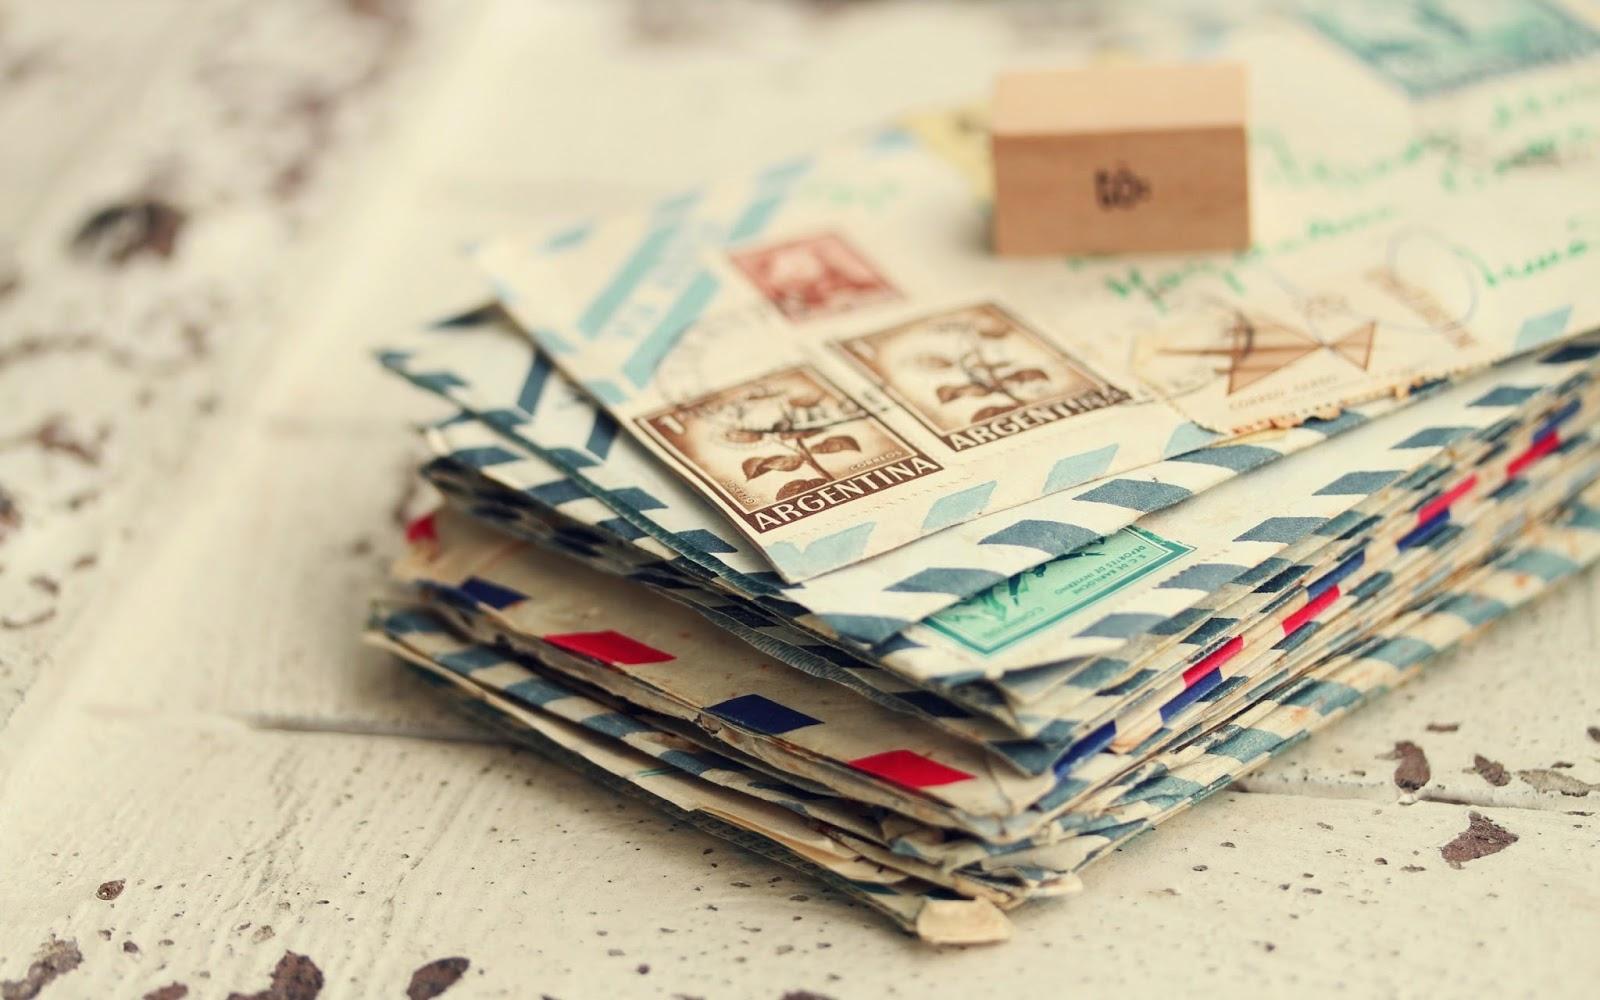 ptt, mektup, kart, letter, posta, kargo, şikayet, post card,